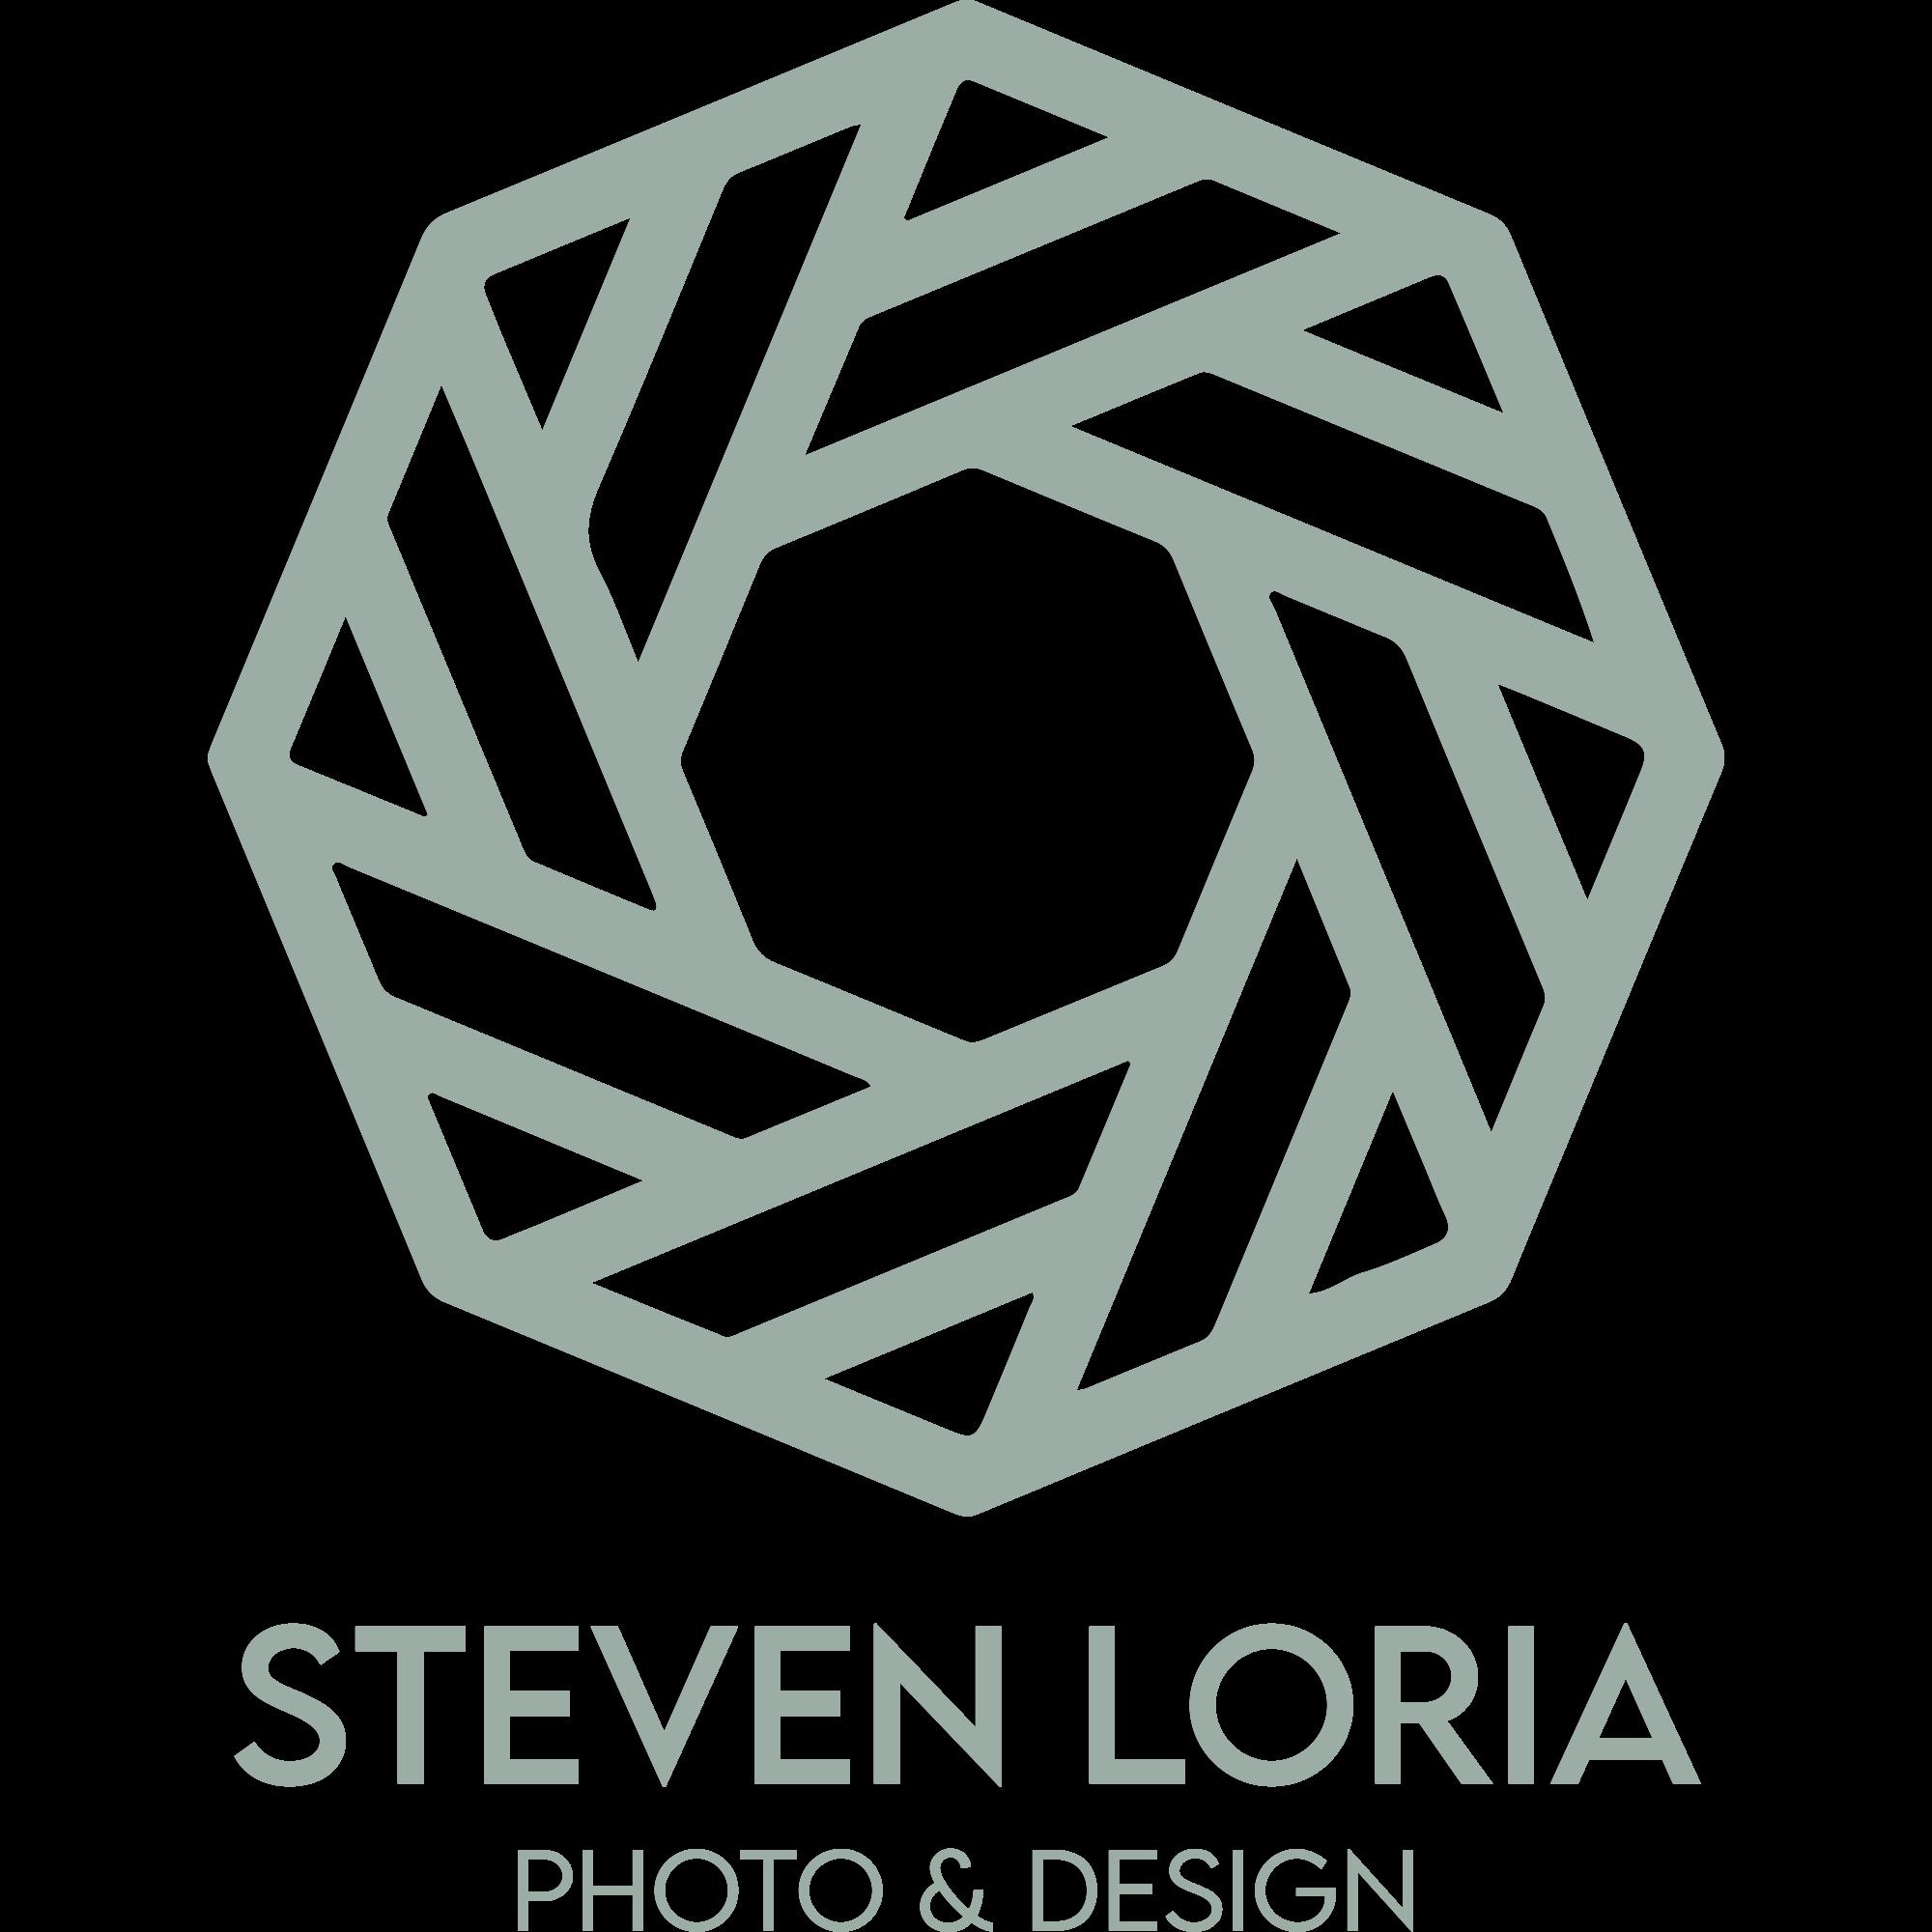 Steven Loría